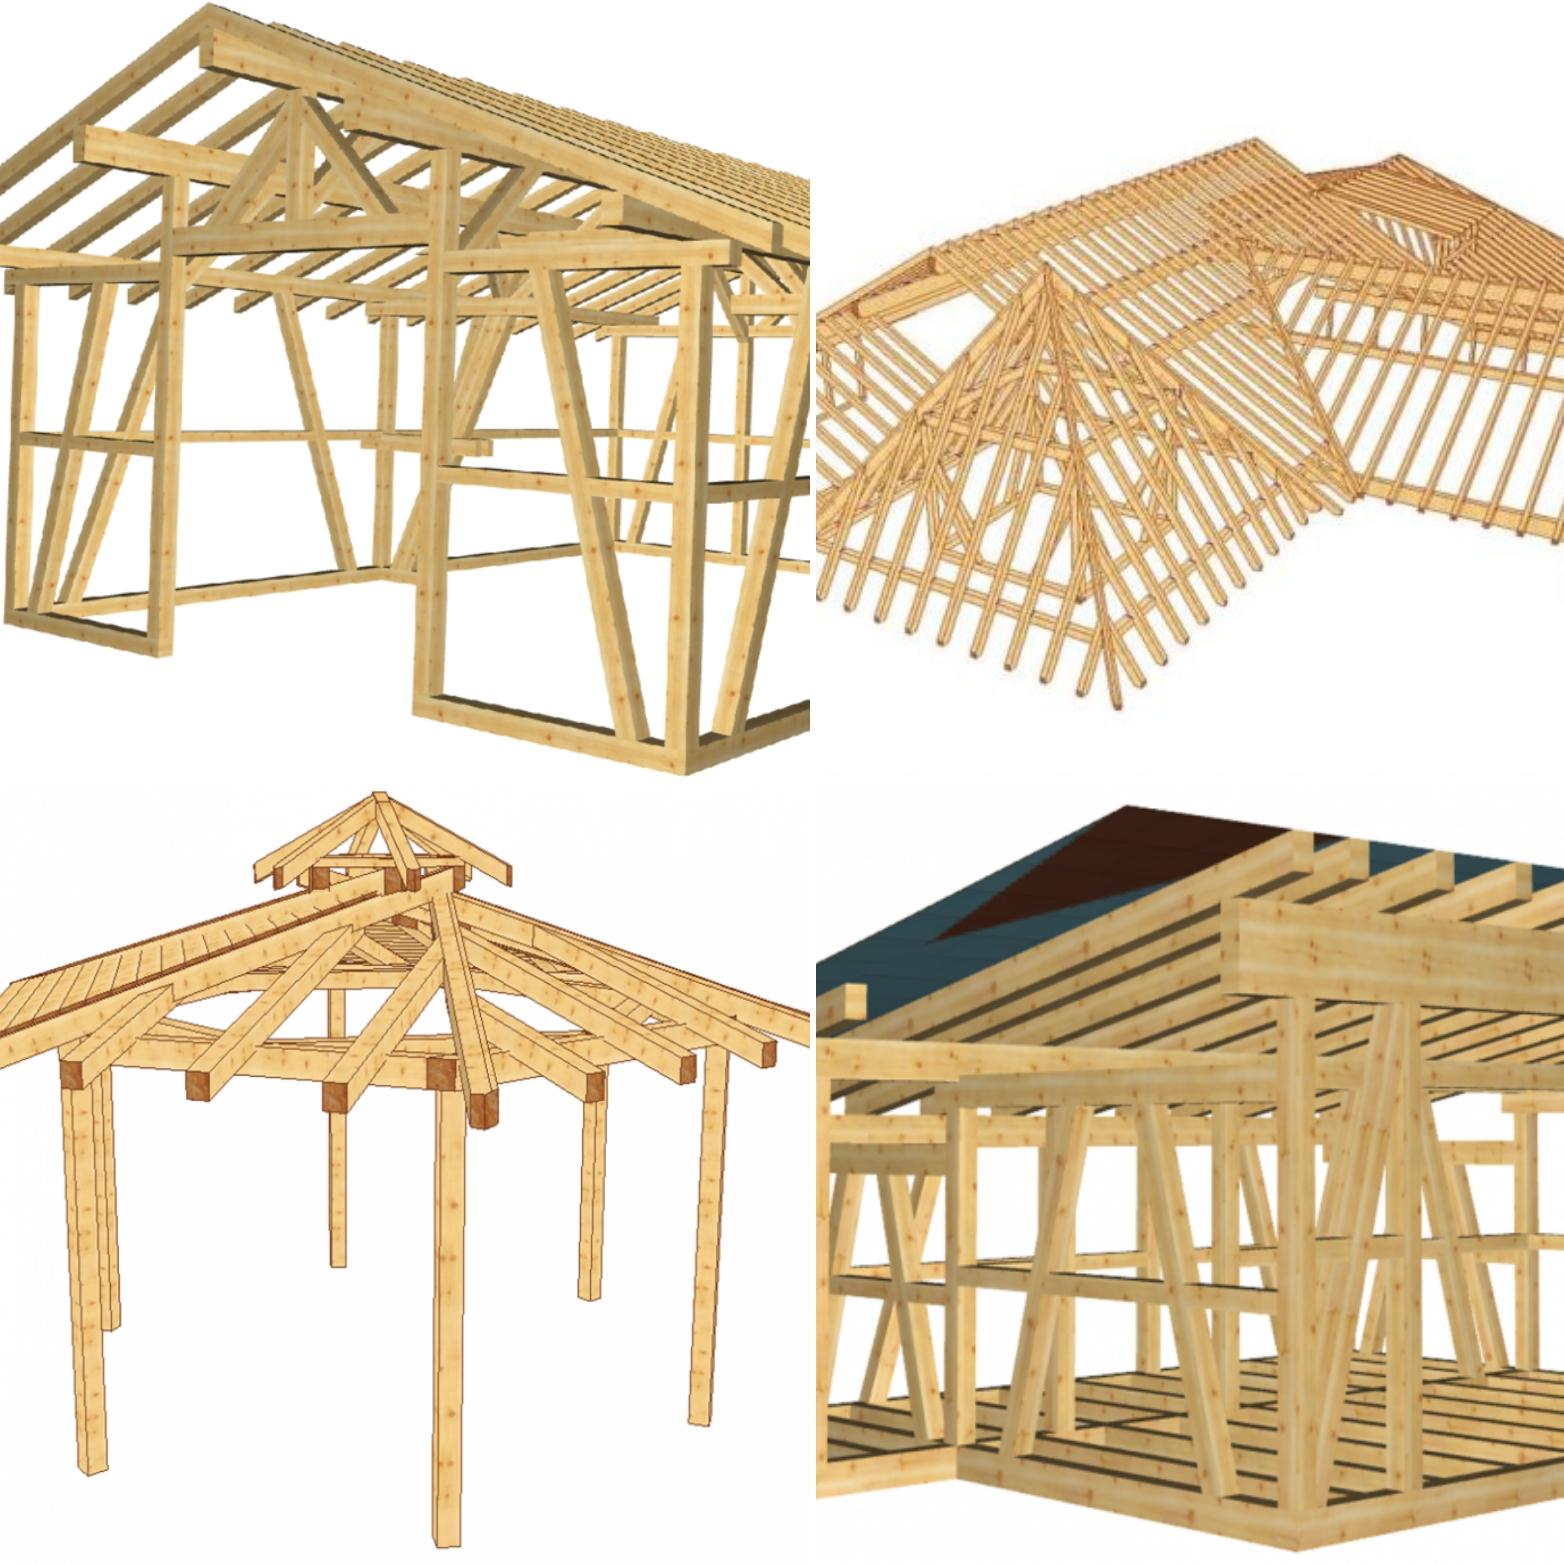 LIGNIKON XL V14 | 3D-Holzbausoftware für erweiterte Tragkonstruktionen & Abbund - zum Kauf